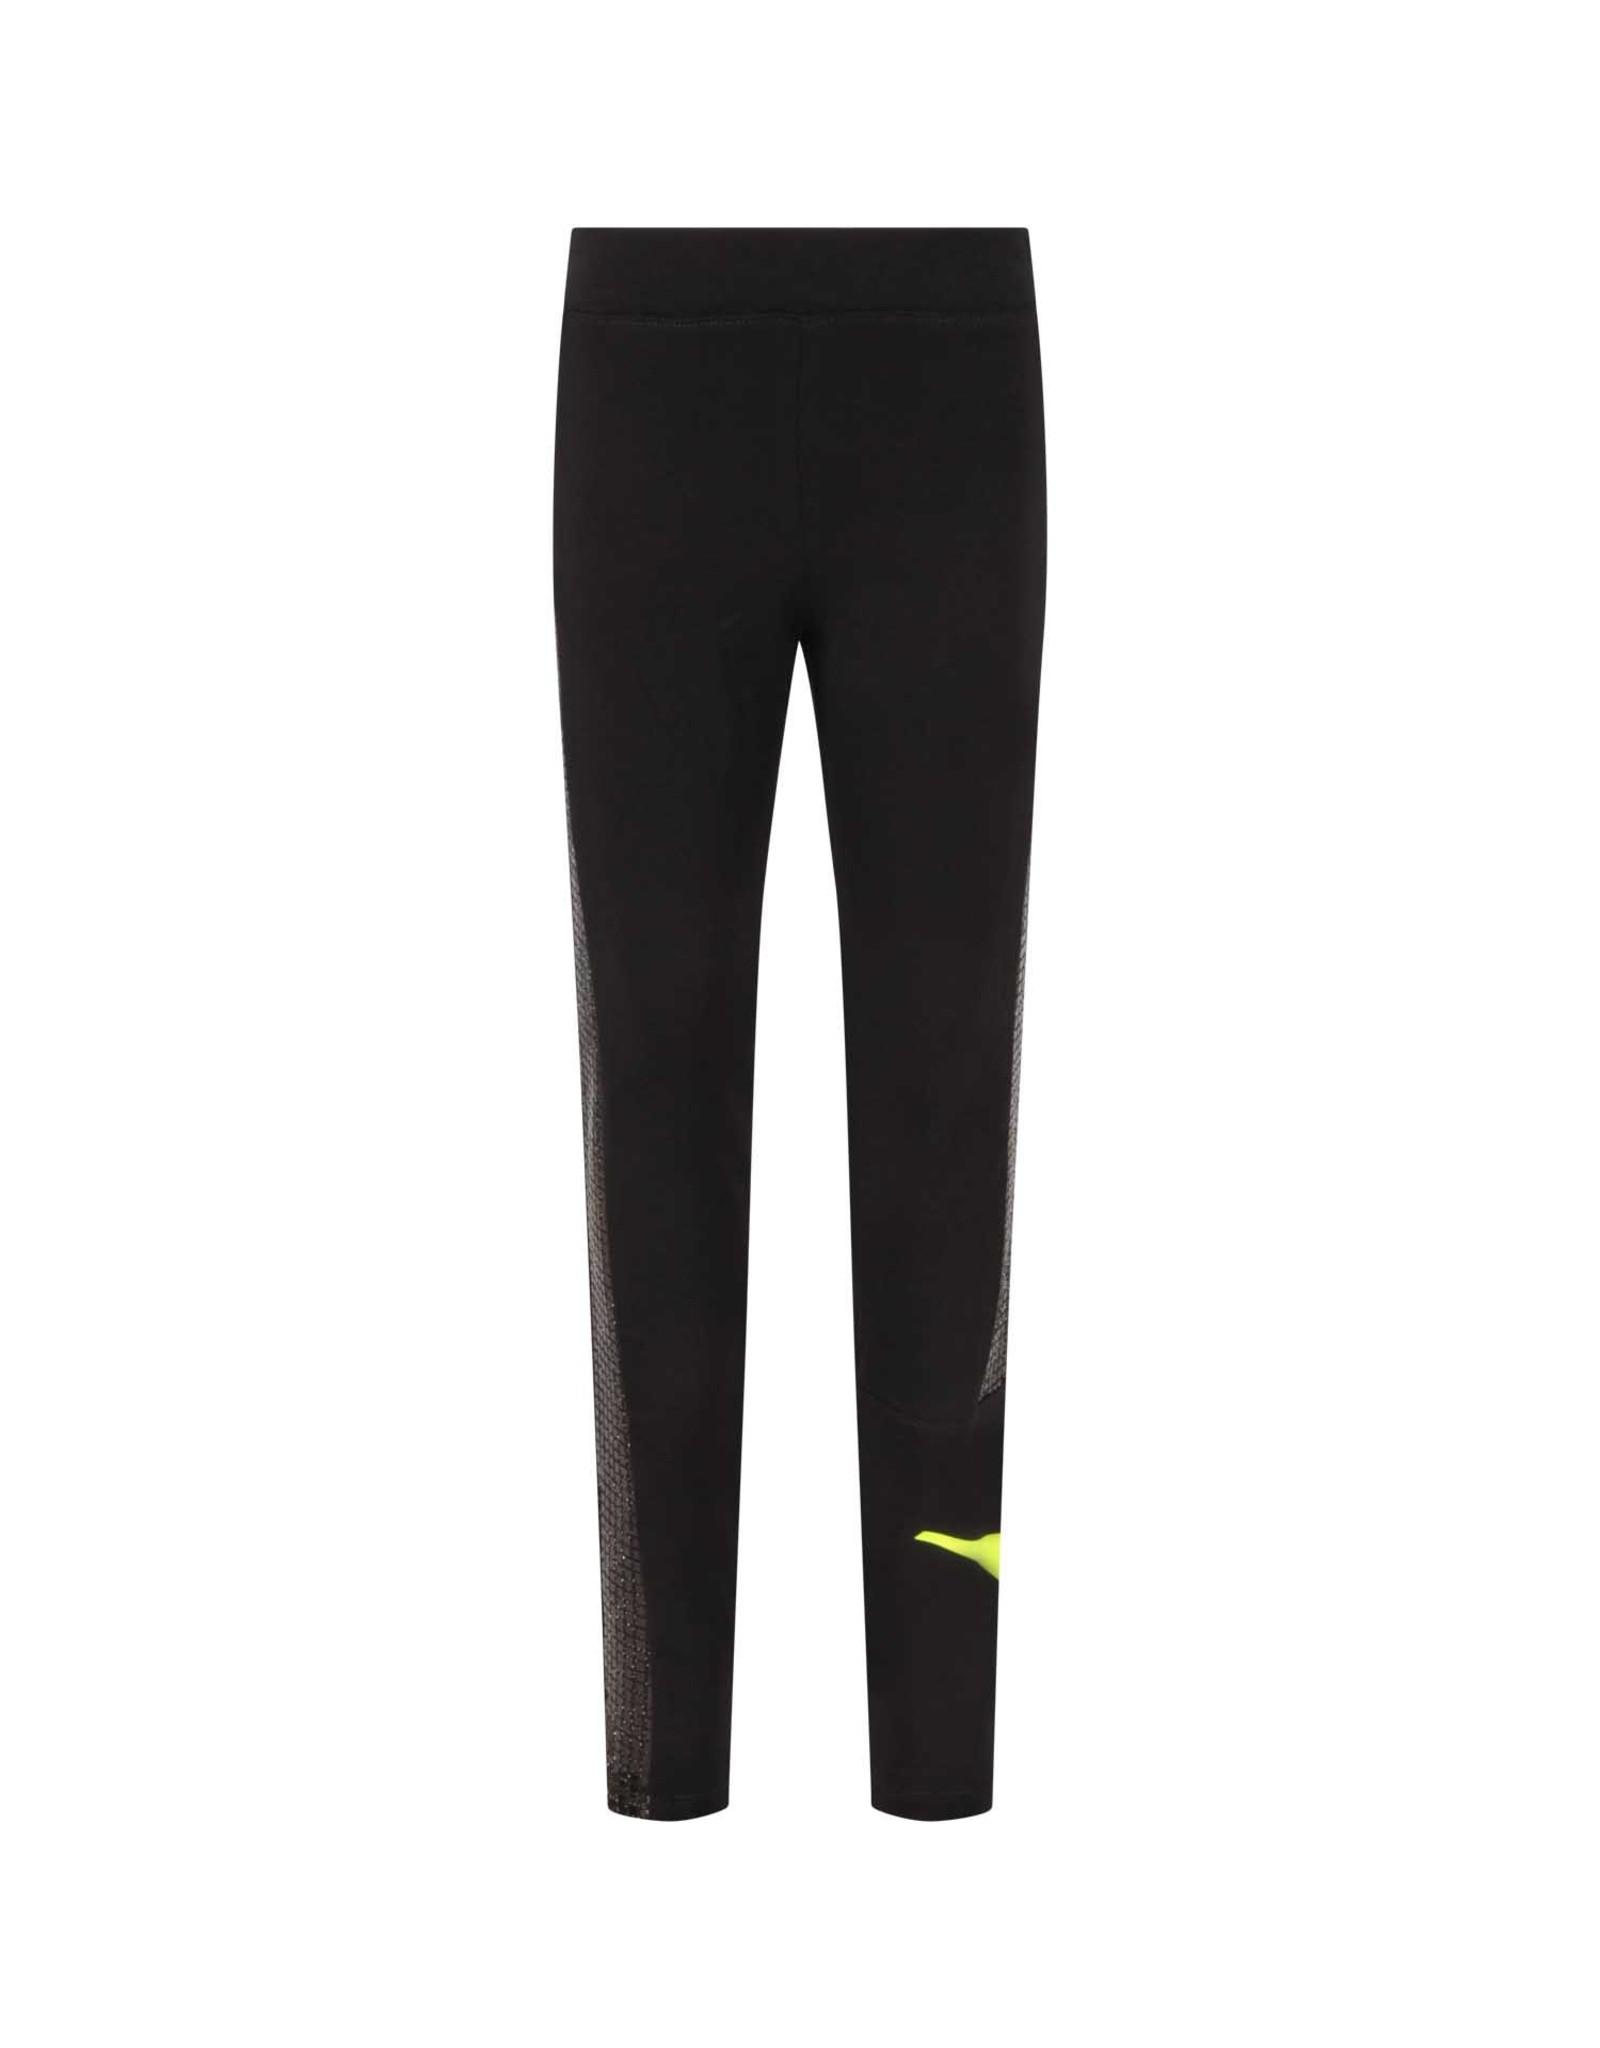 Diadora FW20 26302 legging black